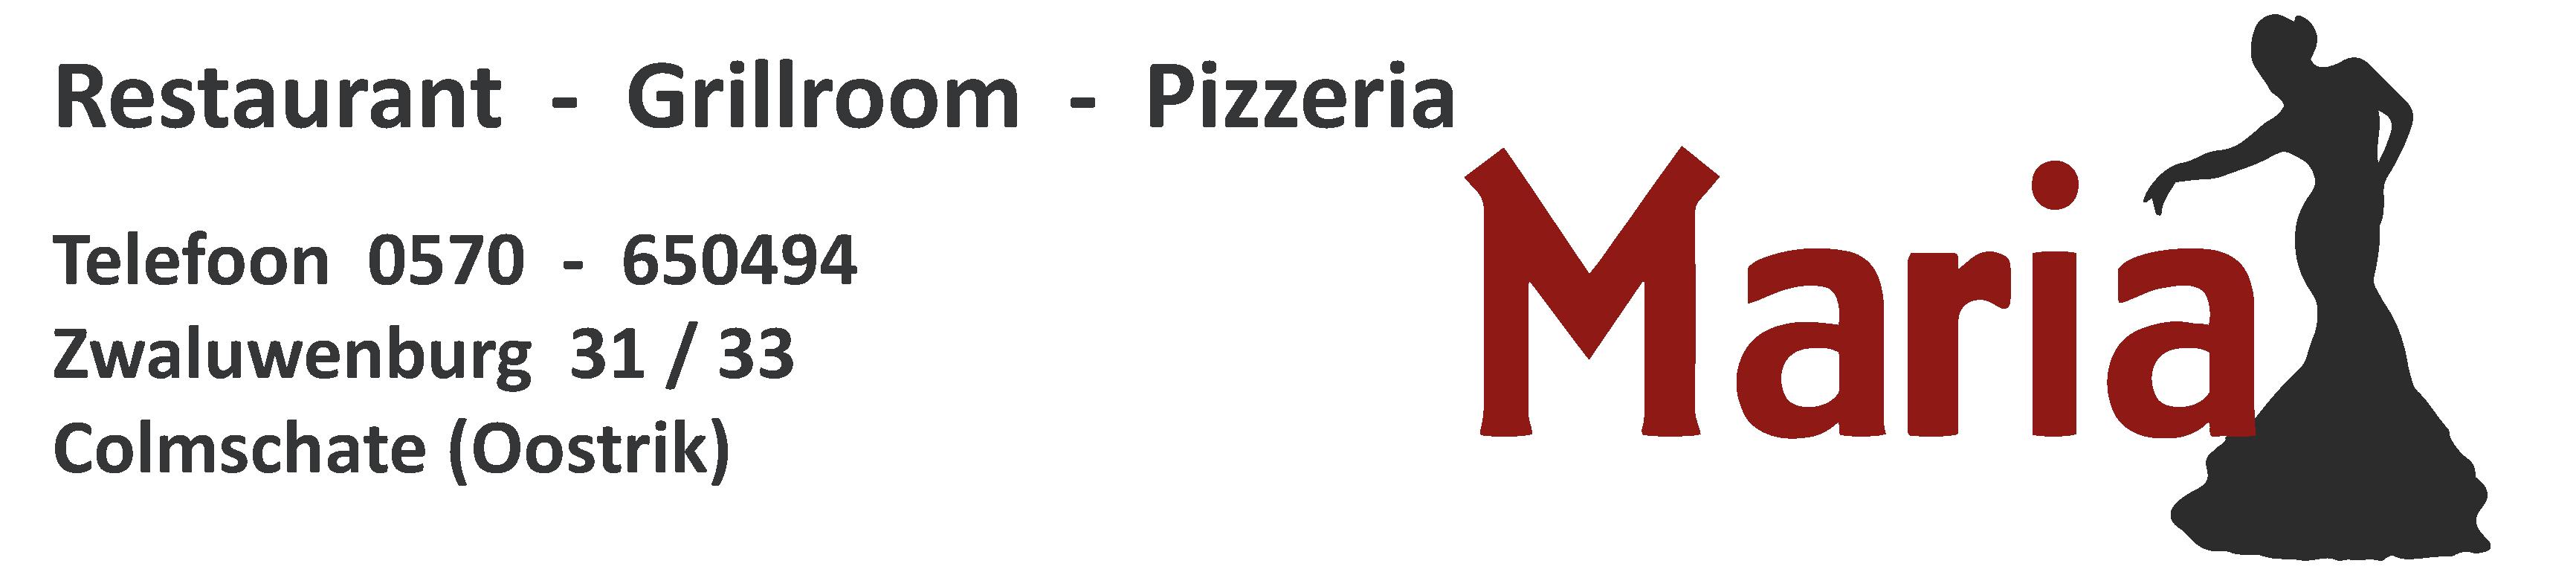 Restaurant Grillroom Pizzeria Maria